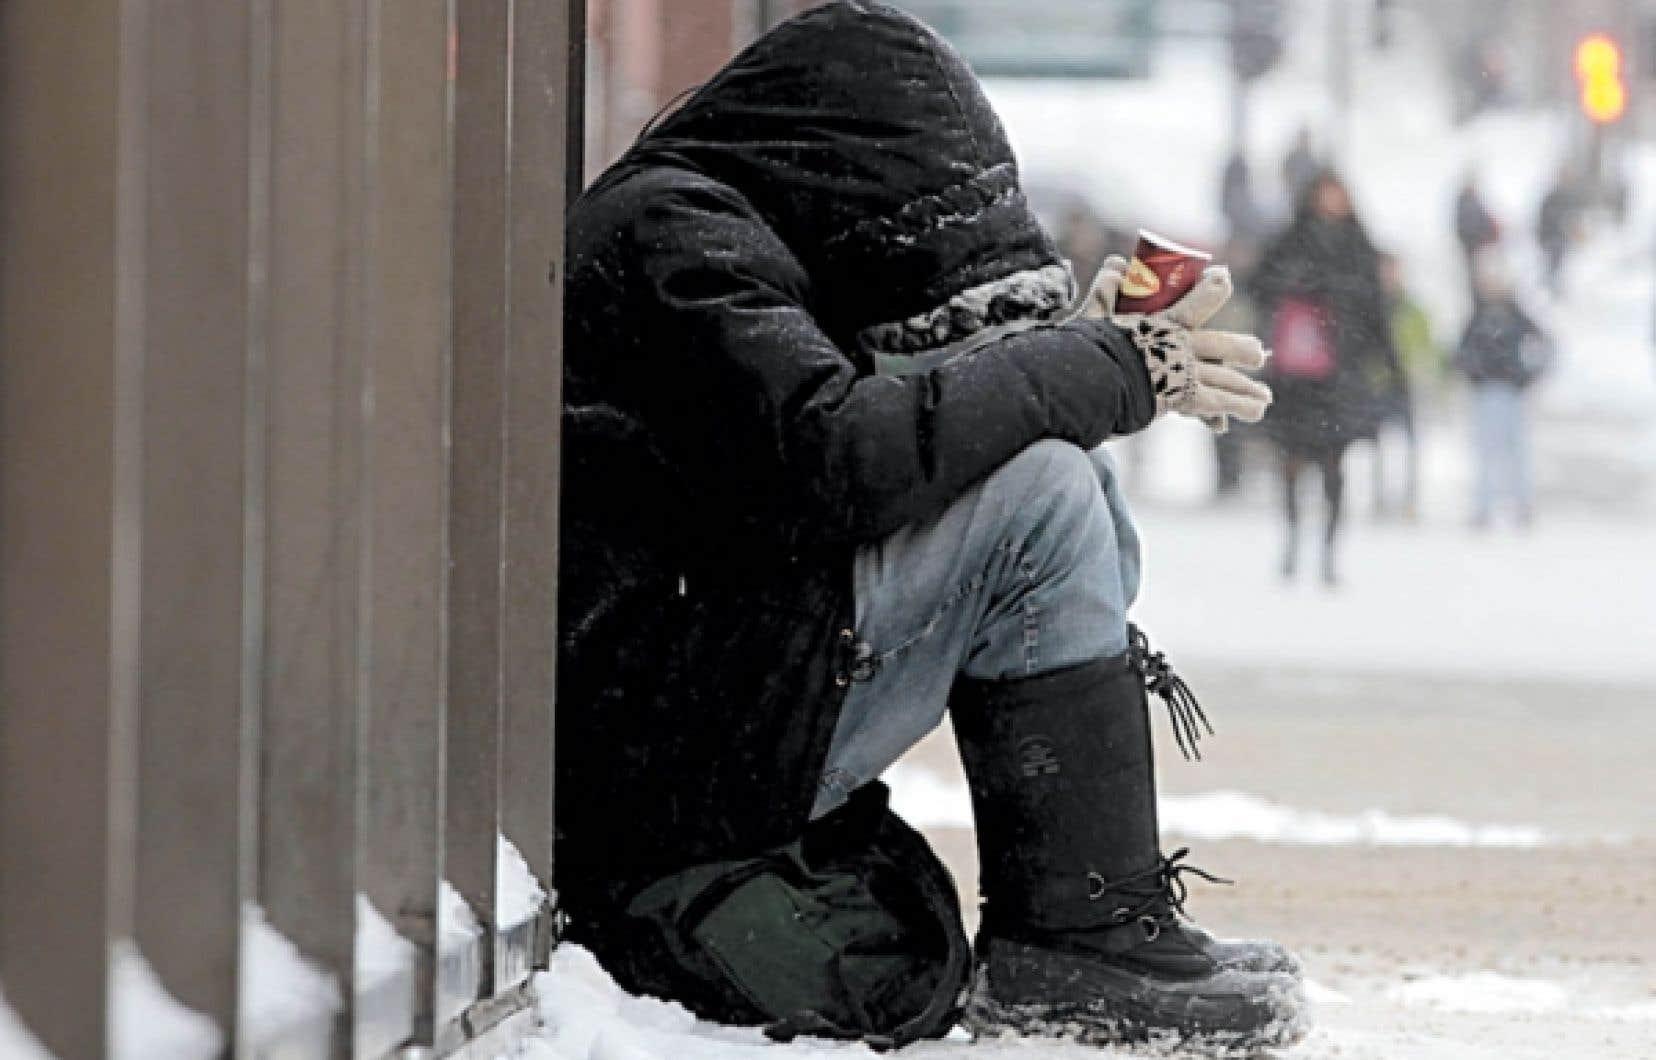 Trop de personnes en crise, souffrant de graves problèmes de santé mentale ou de toxicomanie, se retrouvent à la rue et sont, de ce fait, extrêmement vulnérables. <br />